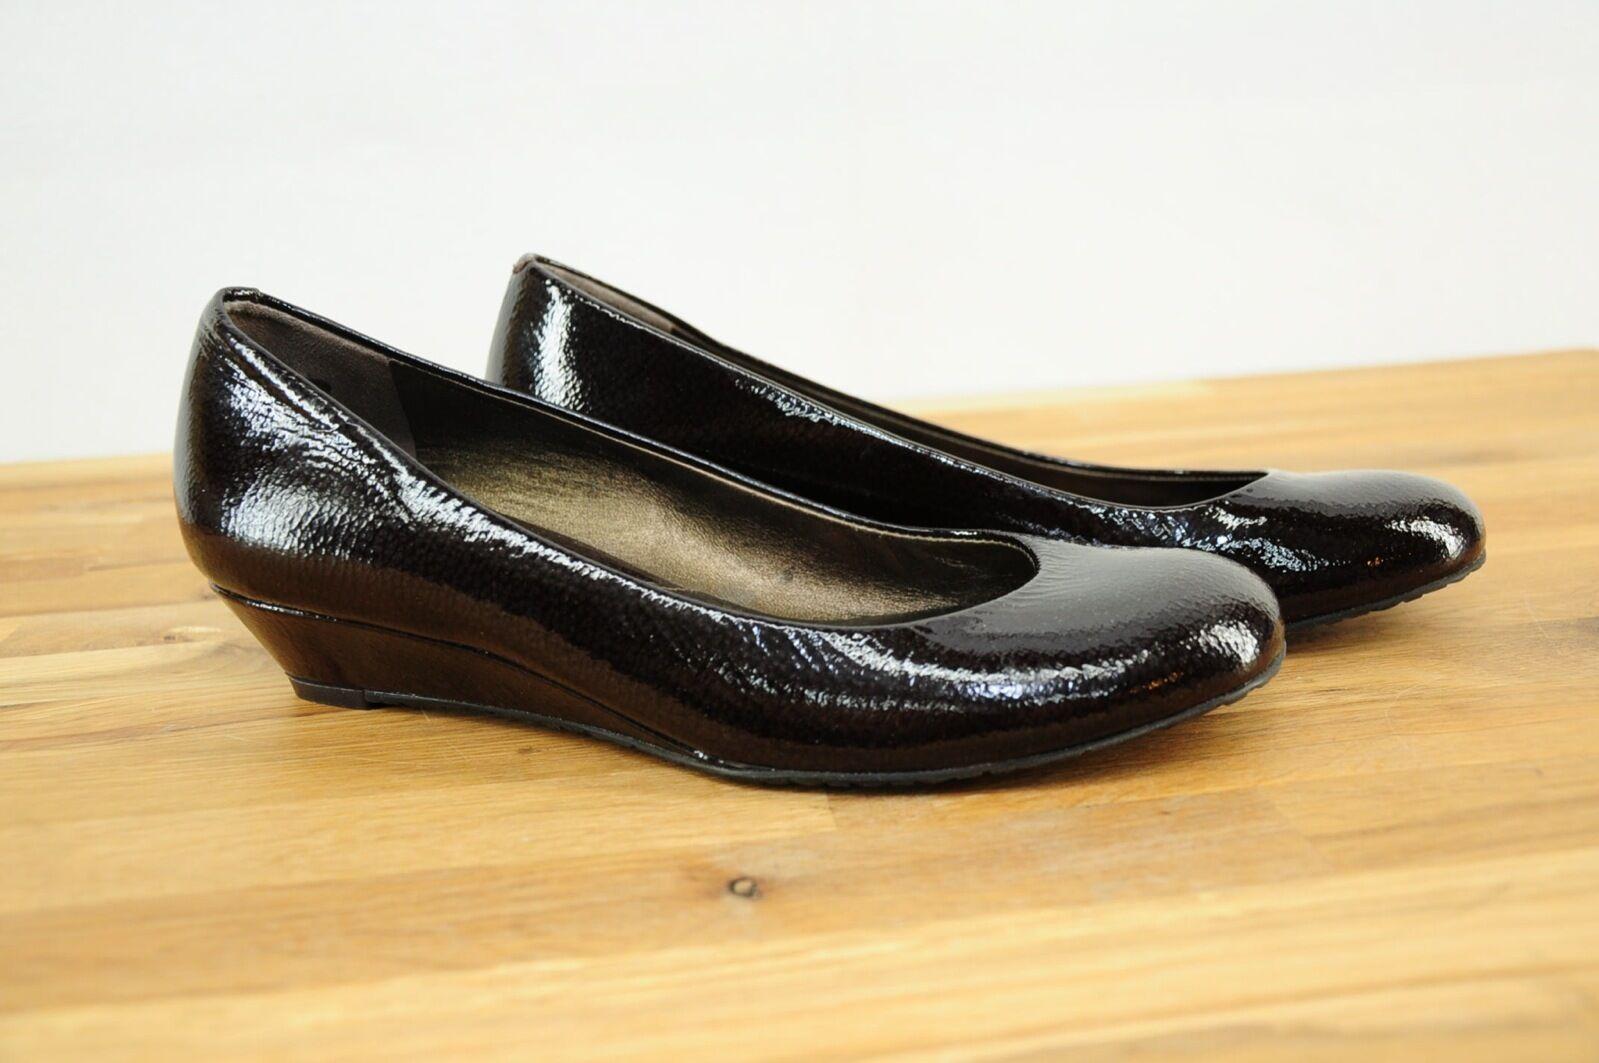 Nouveau Sans Original balises Nouveau Cole Haan Noir Marron En Relief Cuir Verni Talons Compenses Talons Plats Chaussures 6B